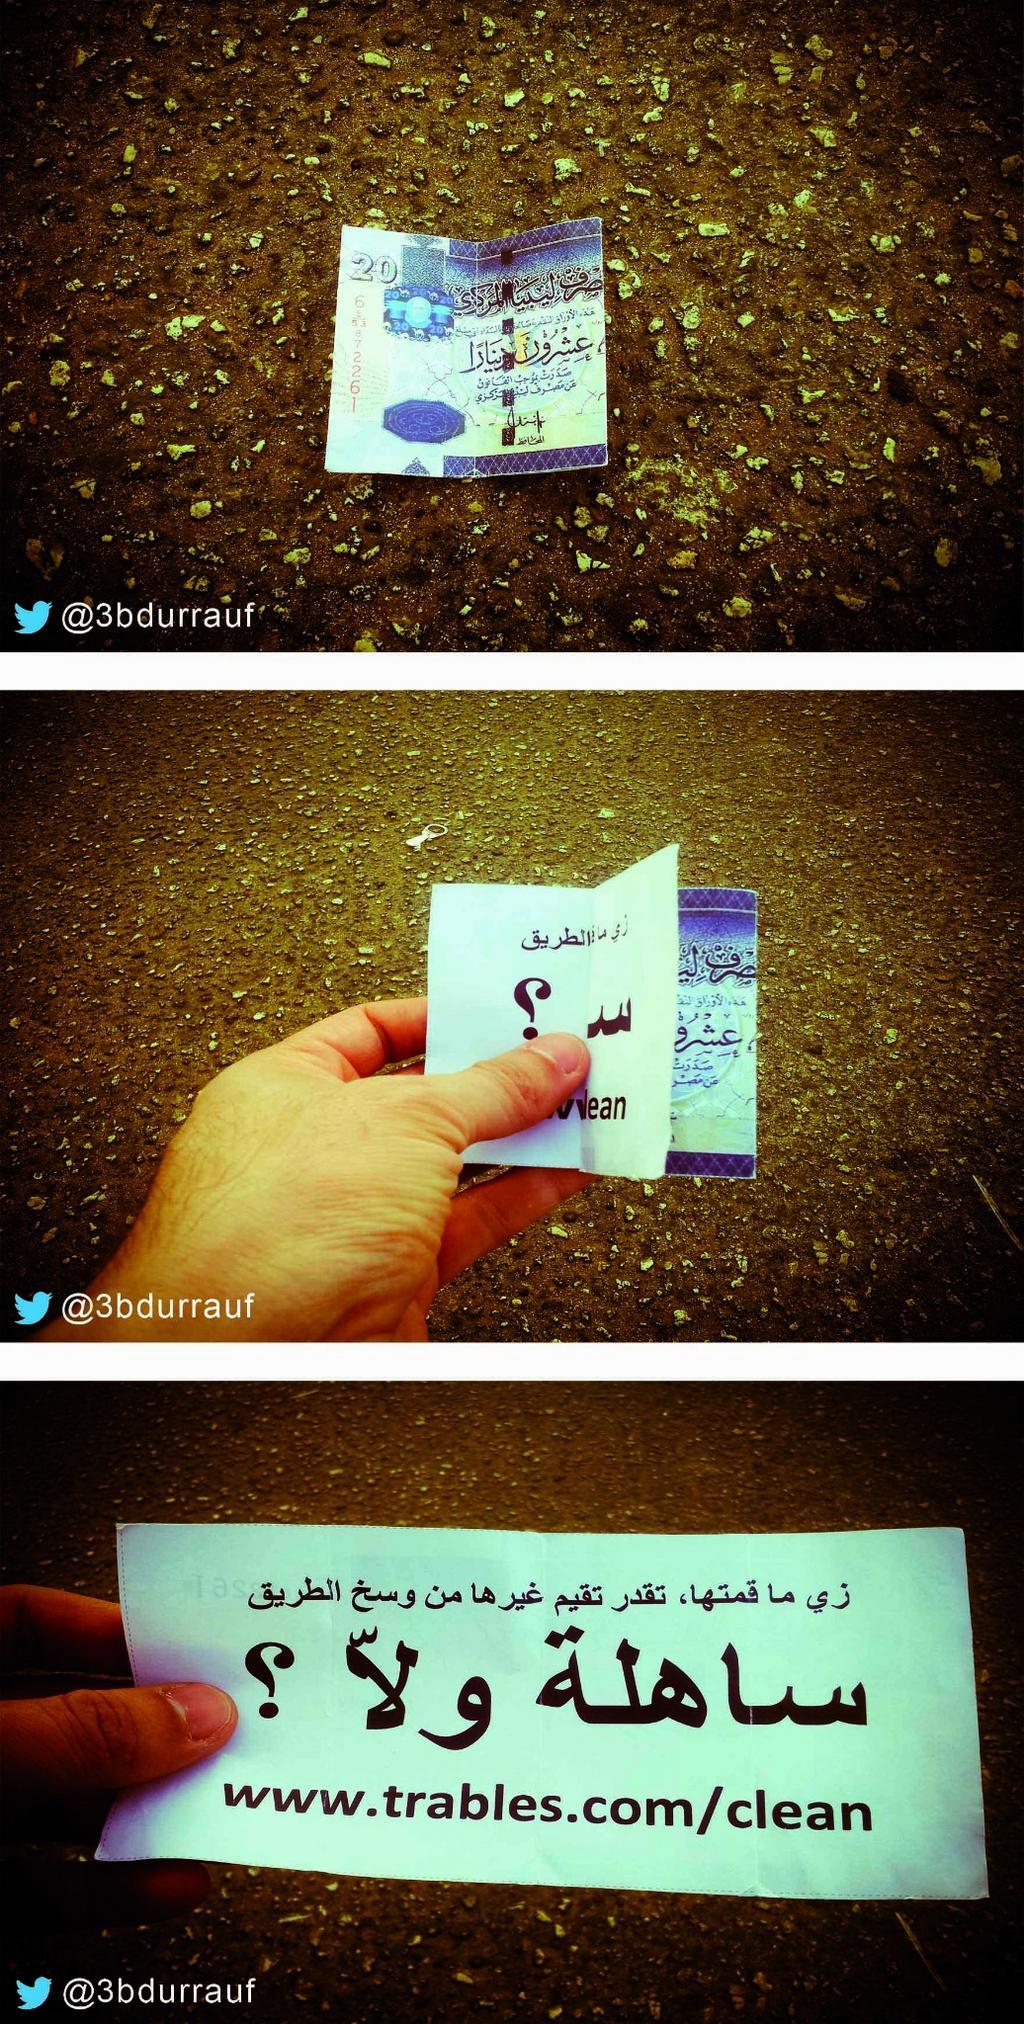 تصوير عبدالرؤوف مادي https://twitter.com/3bdaurrauf